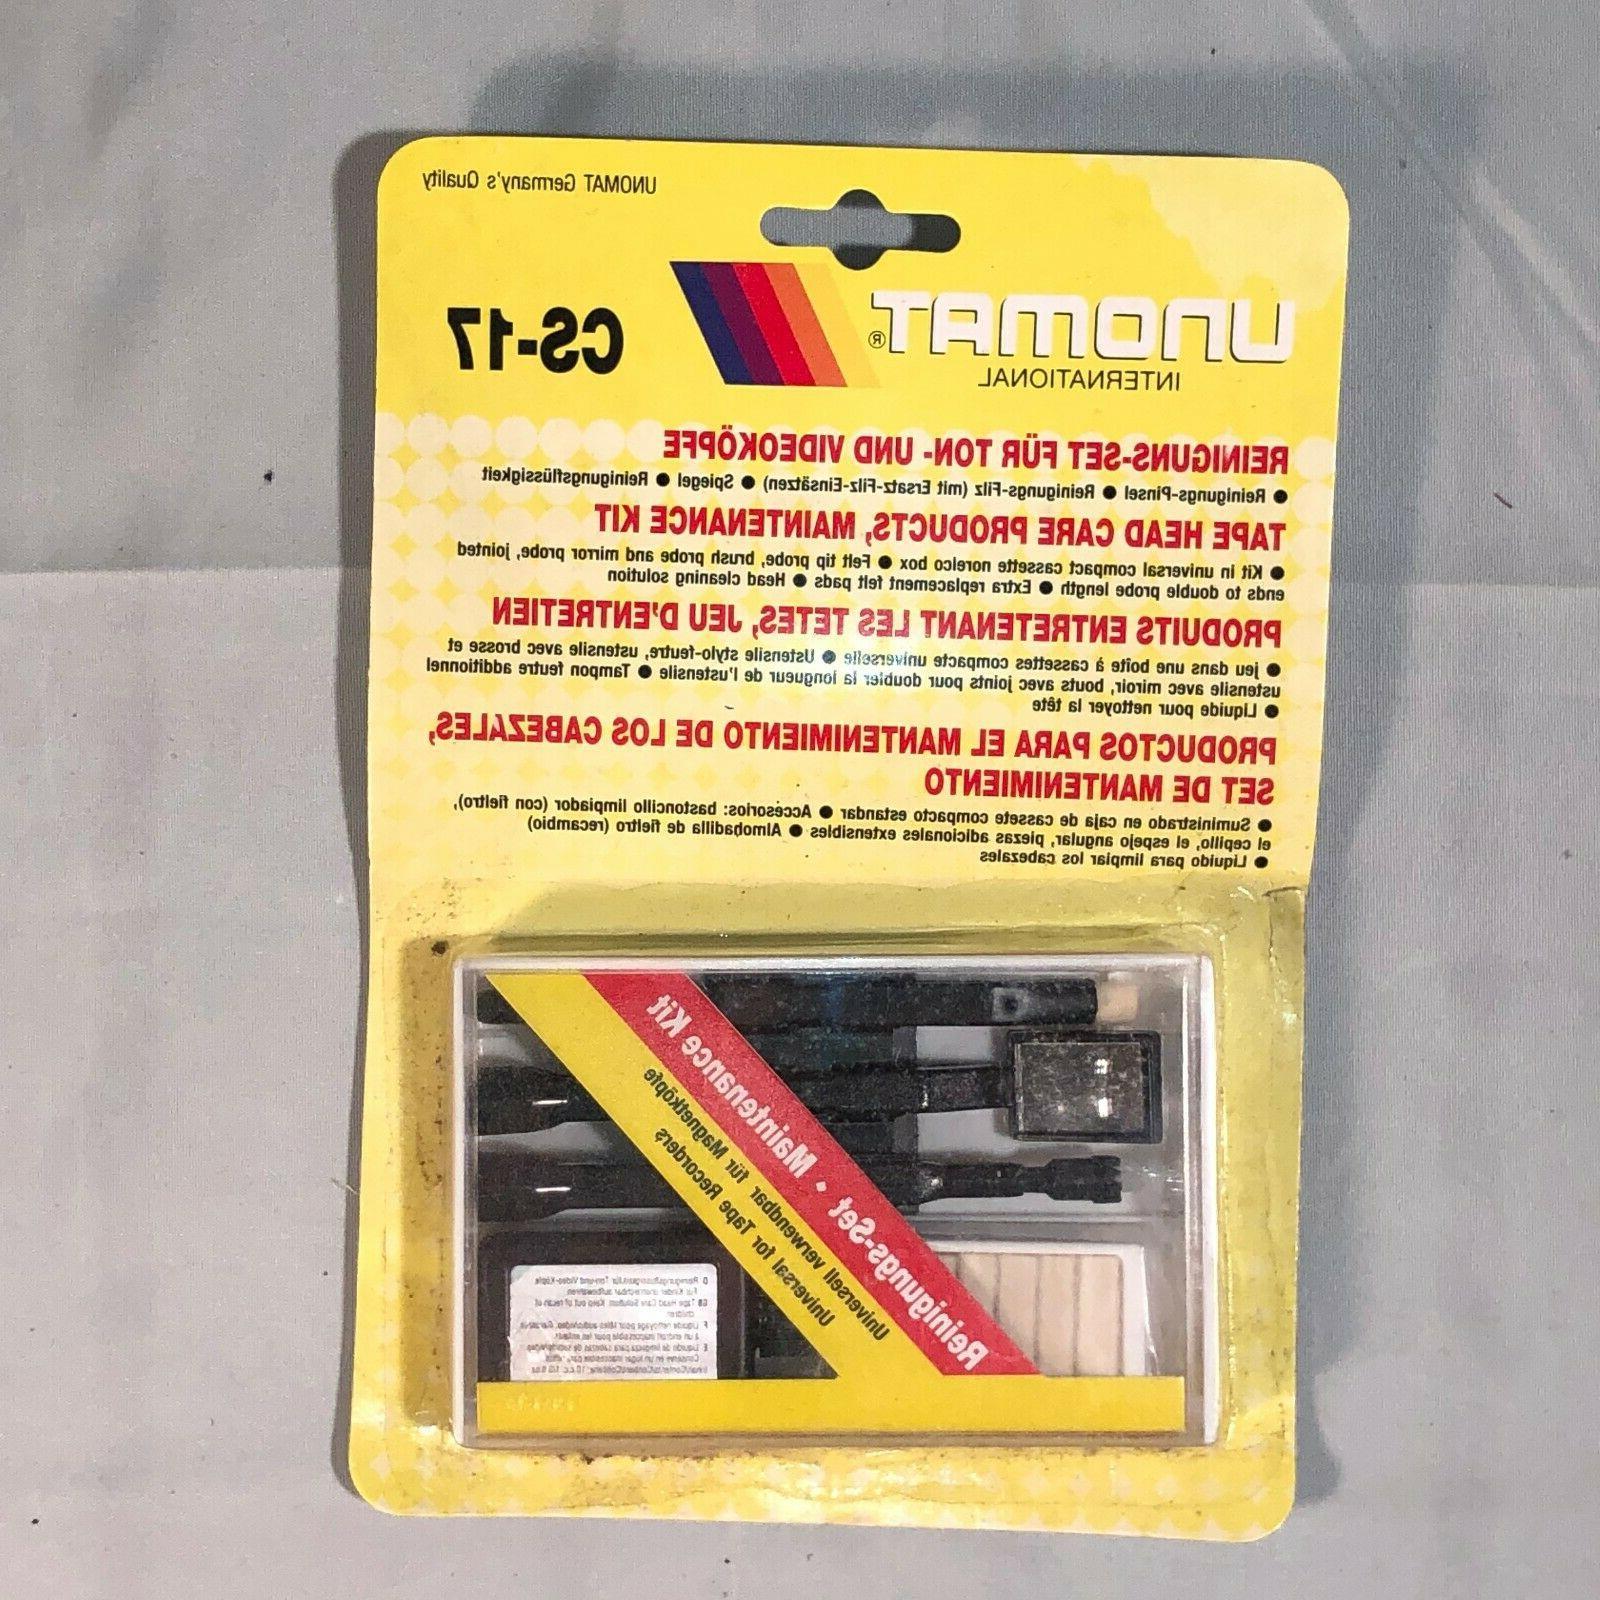 cassette tape head cleaner audio maintenance kit